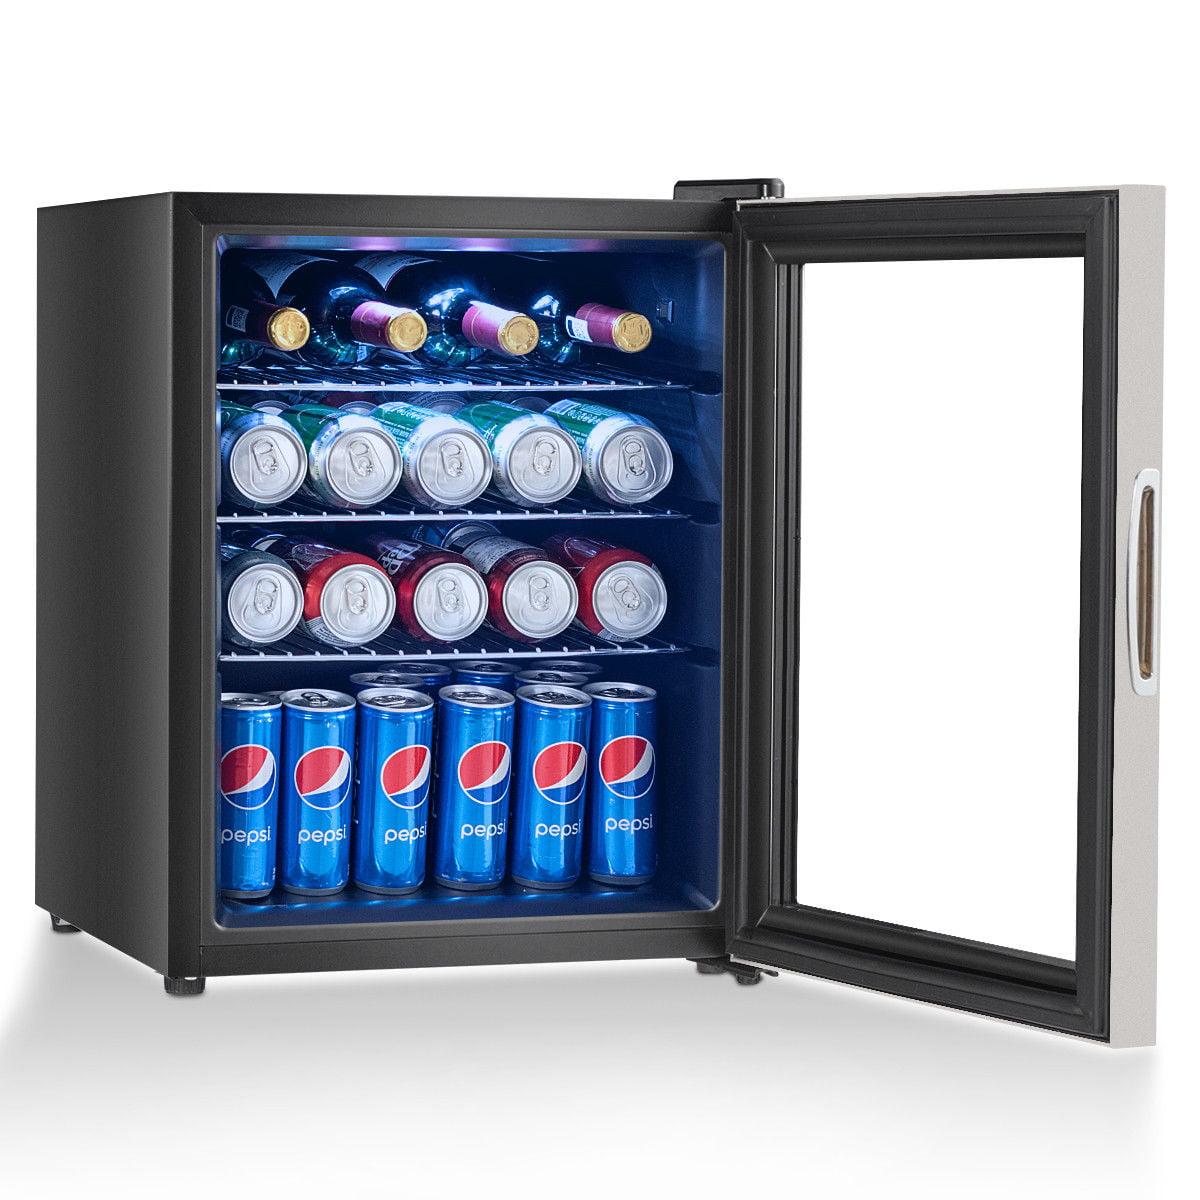 Costway 52 Can Beverage Refrigerator Cooler w Glass Door Stainless Steel Soda Beer Wine